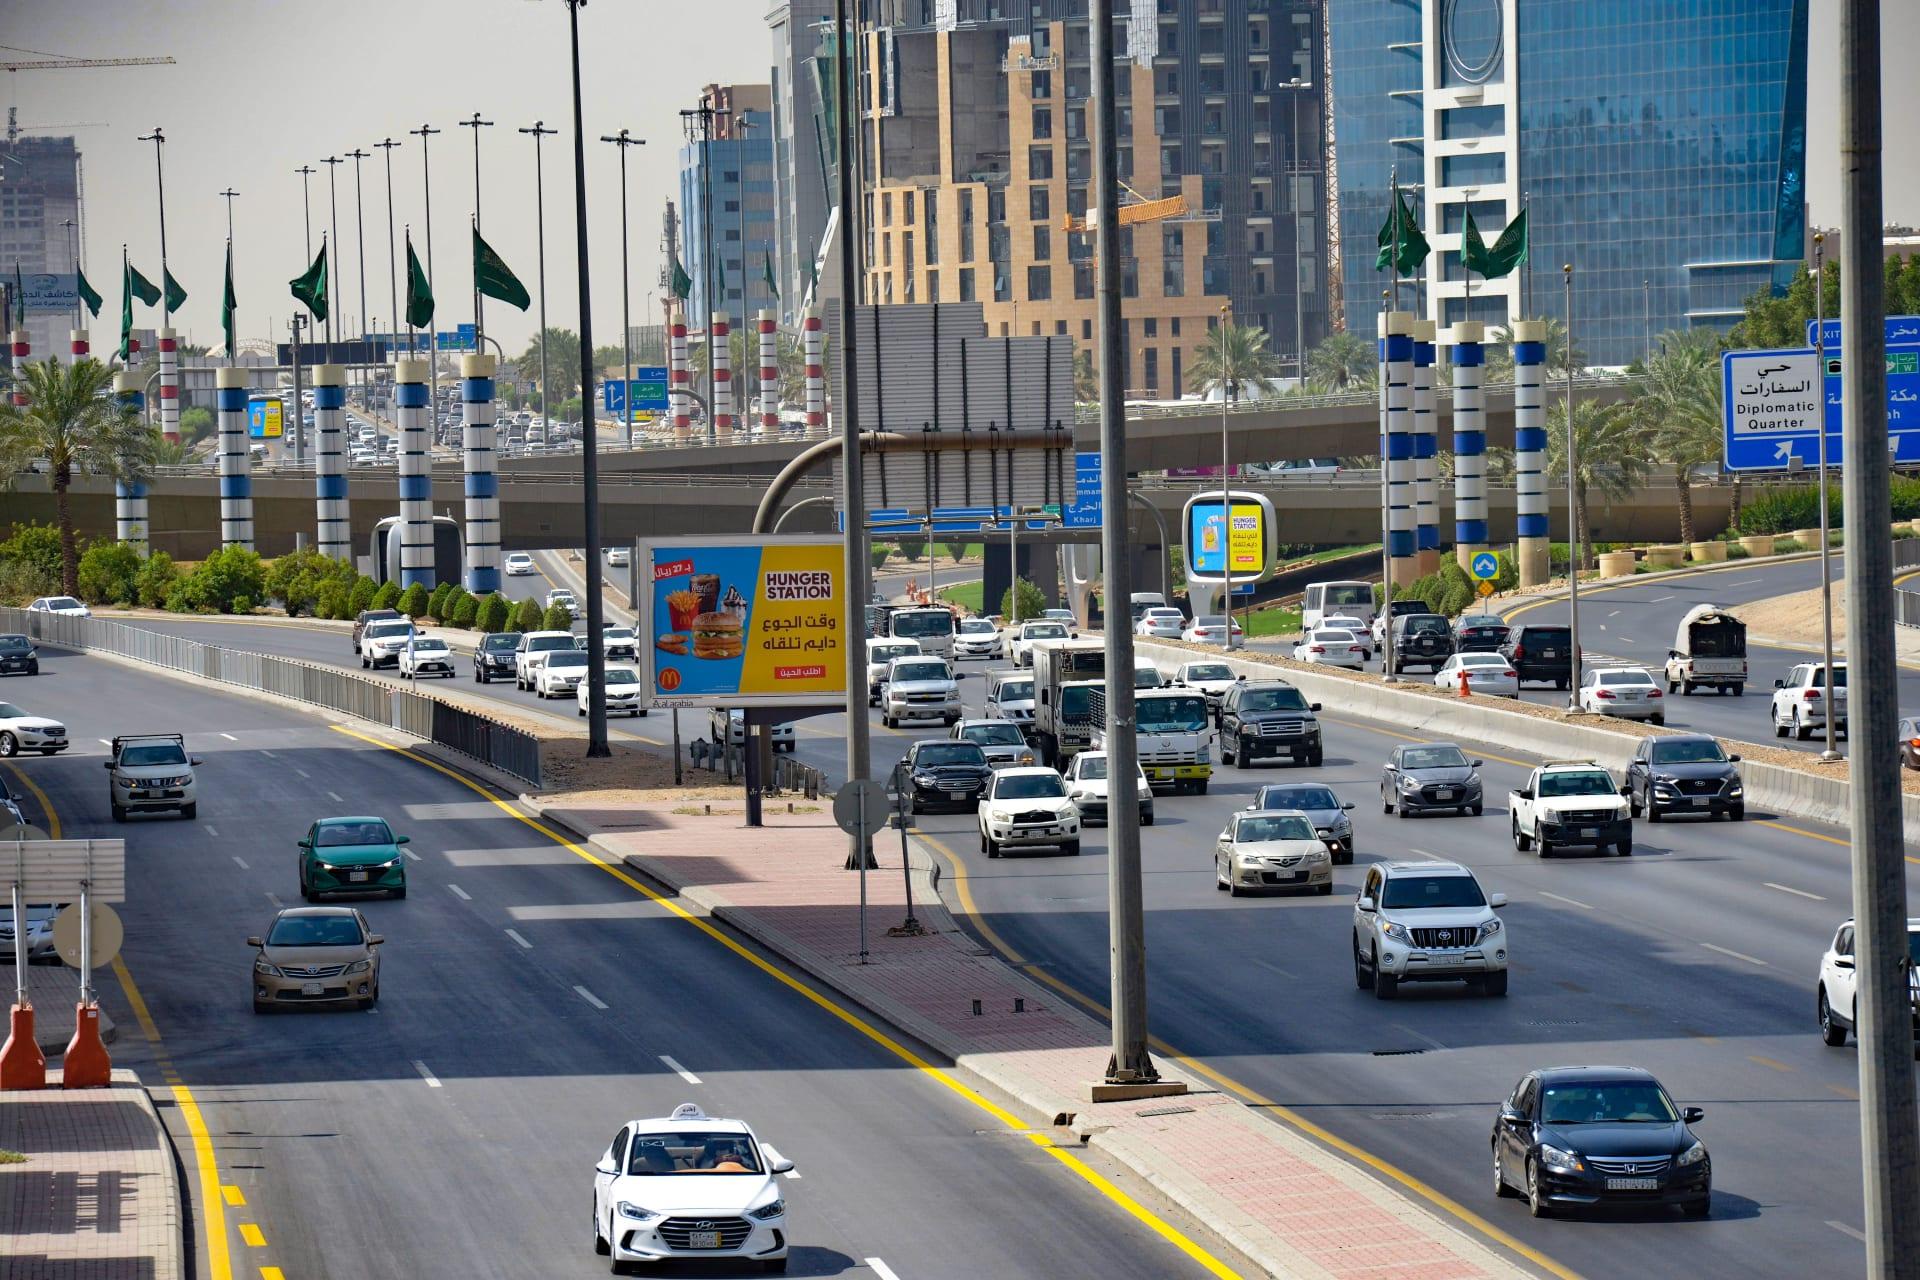 السعودية تكشف عن تفاصيل أهداف الاستراتيجية الوطنية للنقل والخدمات اللوجستية